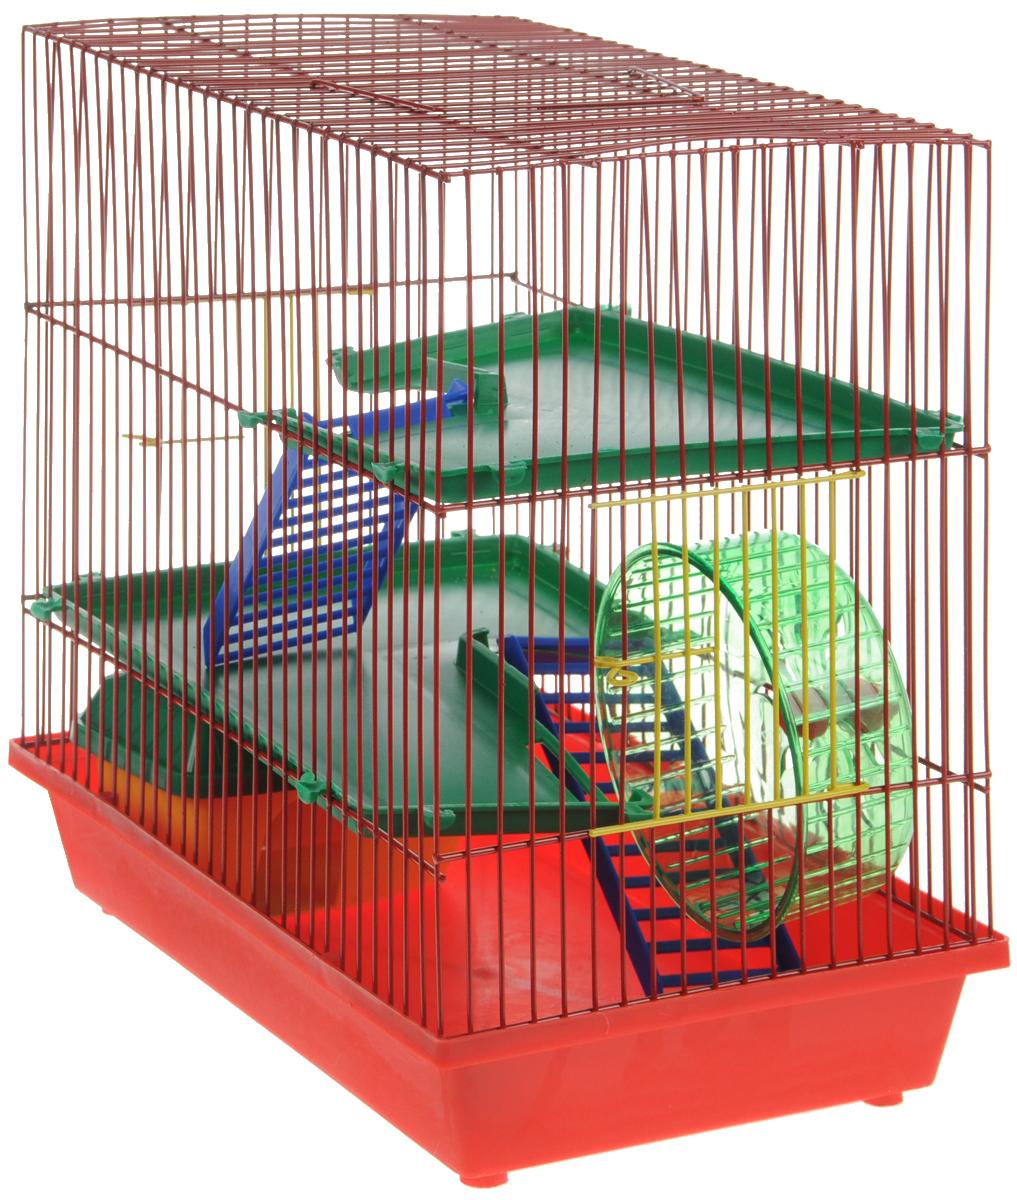 Клетка для грызунов ЗооМарк, 3-этажная, цвет: красный поддон, красная решетка, зеленые этажи, 36 х 22,5 х 34 см. 135КВР1цбКлетка ЗооМарк, выполненная из полипропилена и металла, подходит для мелких грызунов. Изделие трехэтажное, оборудовано колесом для подвижных игр и пластиковым домиком. Клетка имеет яркий поддон, удобна в использовании и легко чистится. Сверху имеется ручка для переноски, а сбоку удобная дверца. Такая клетка станет уединенным личным пространством и уютным домиком для маленького грызуна.